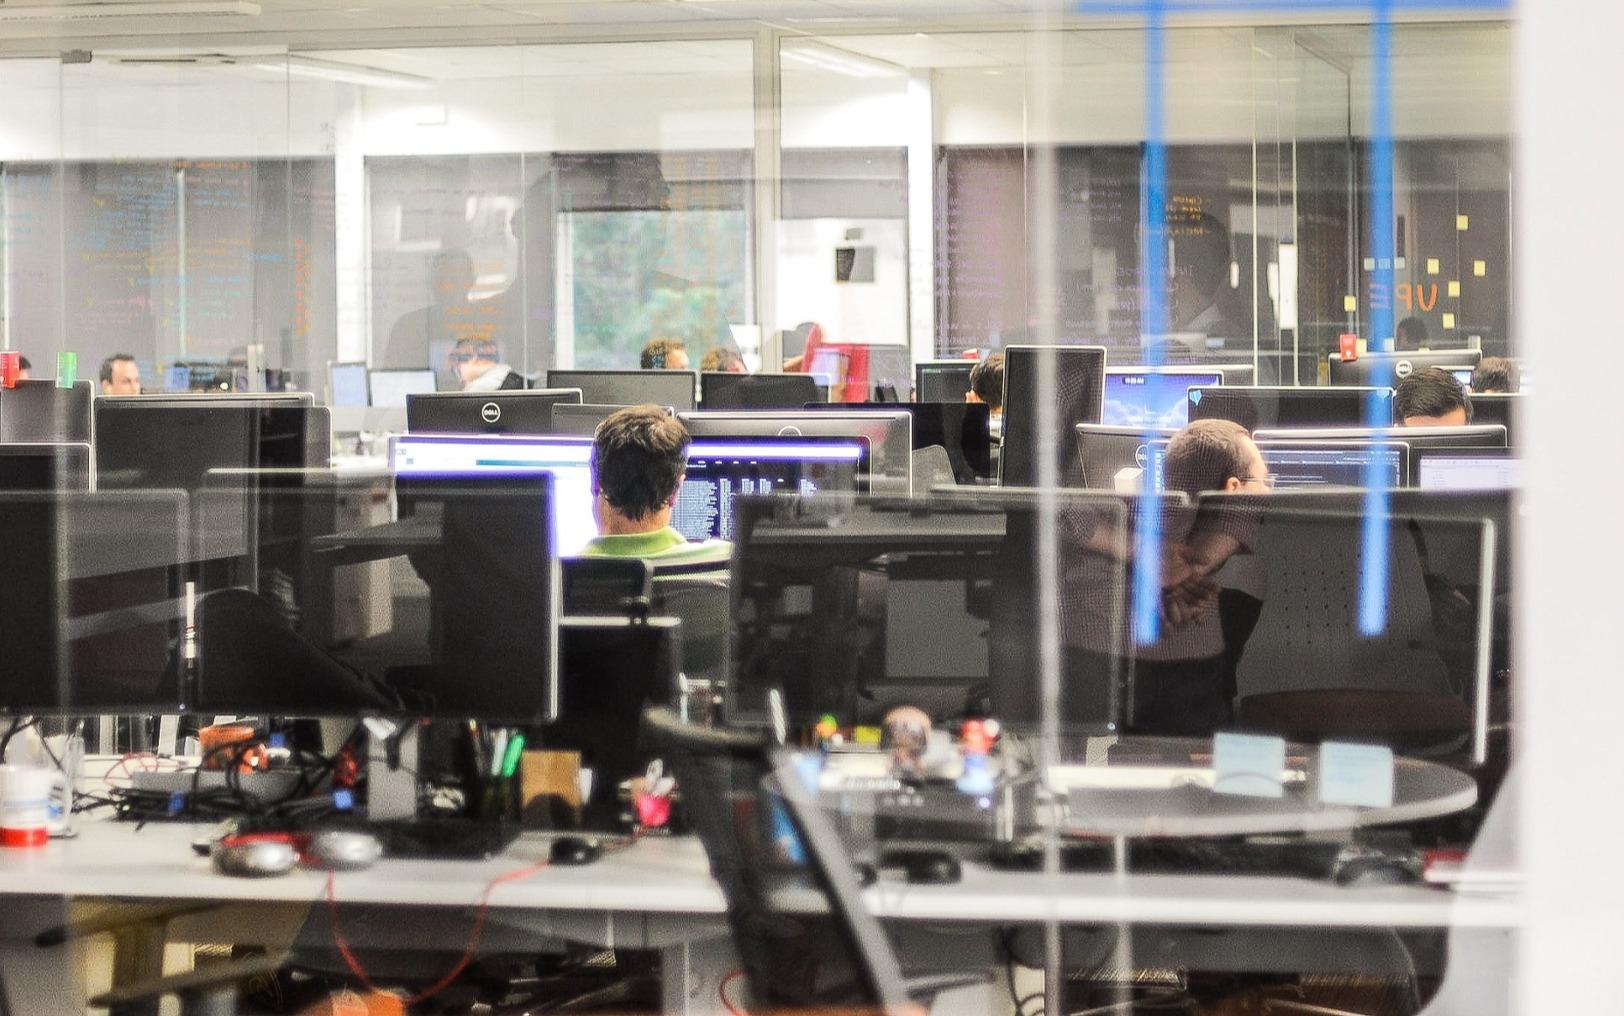 Fast alle Unternehmen wollen agil sein, nur wenige sind es_cmm360_Photo by Giu Vicente on Unsplash